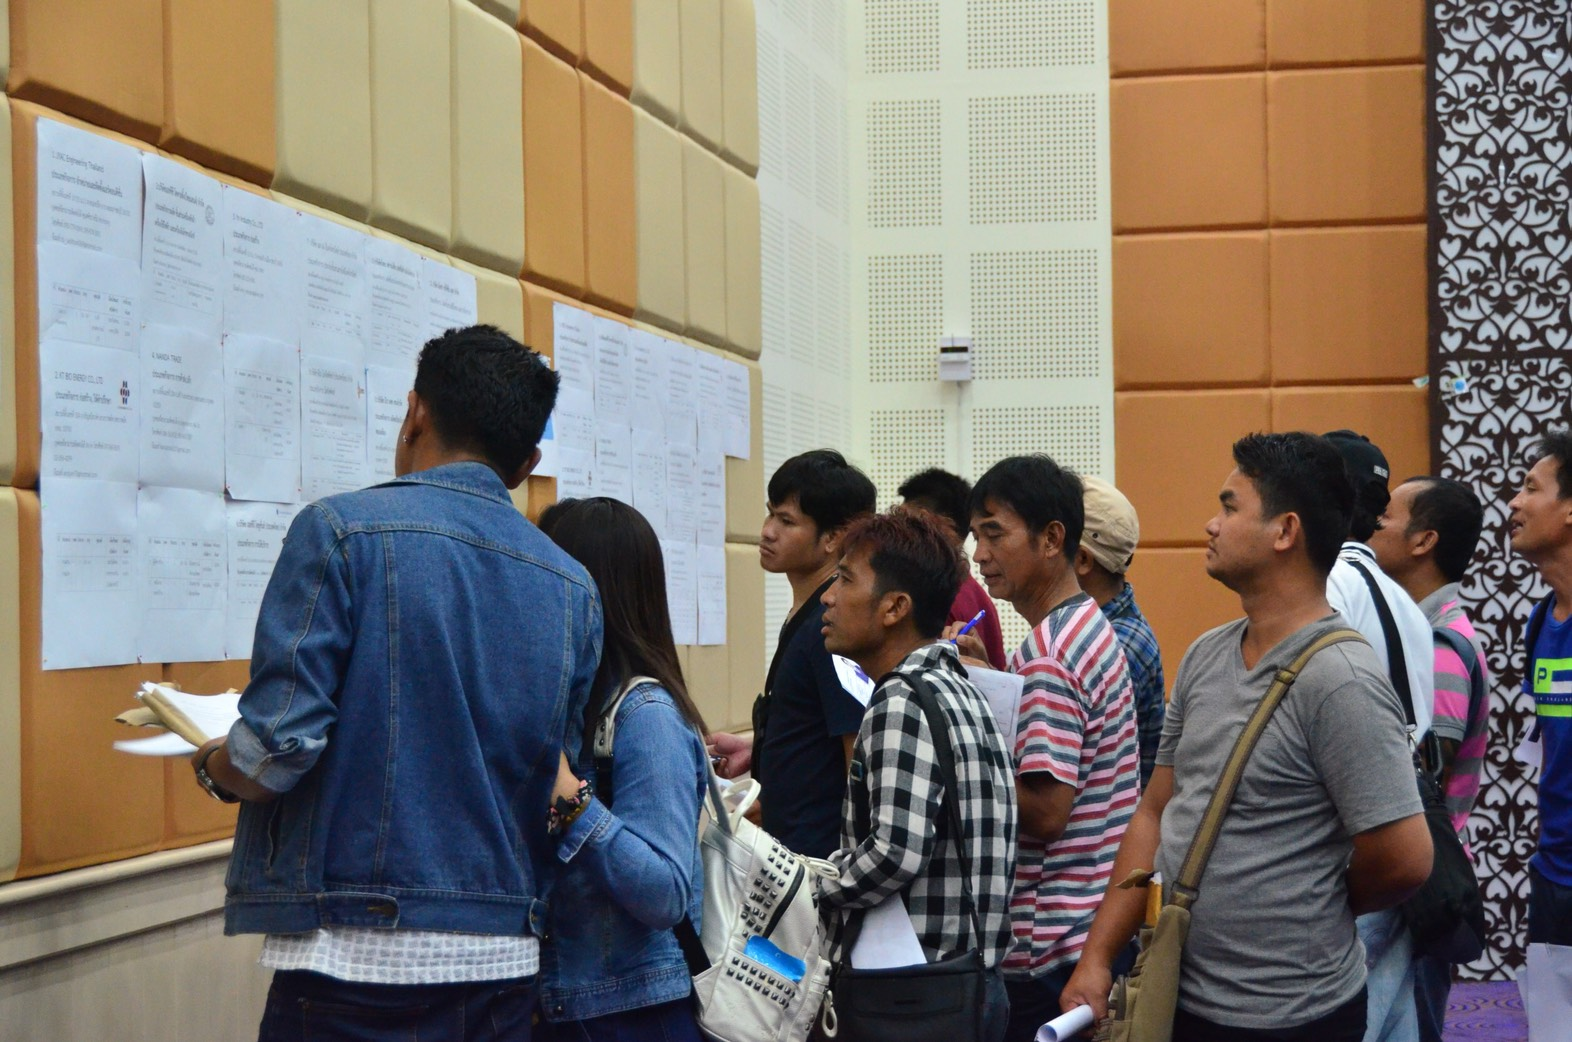 """กกจ.จับมือ HRD Korea Thailand จัดกิจกรรม""""นัดพบแรงงาน"""" สร้างอาชีพให้แรงงานไทยที่กลับจากทำงานเกาหลีใต้"""